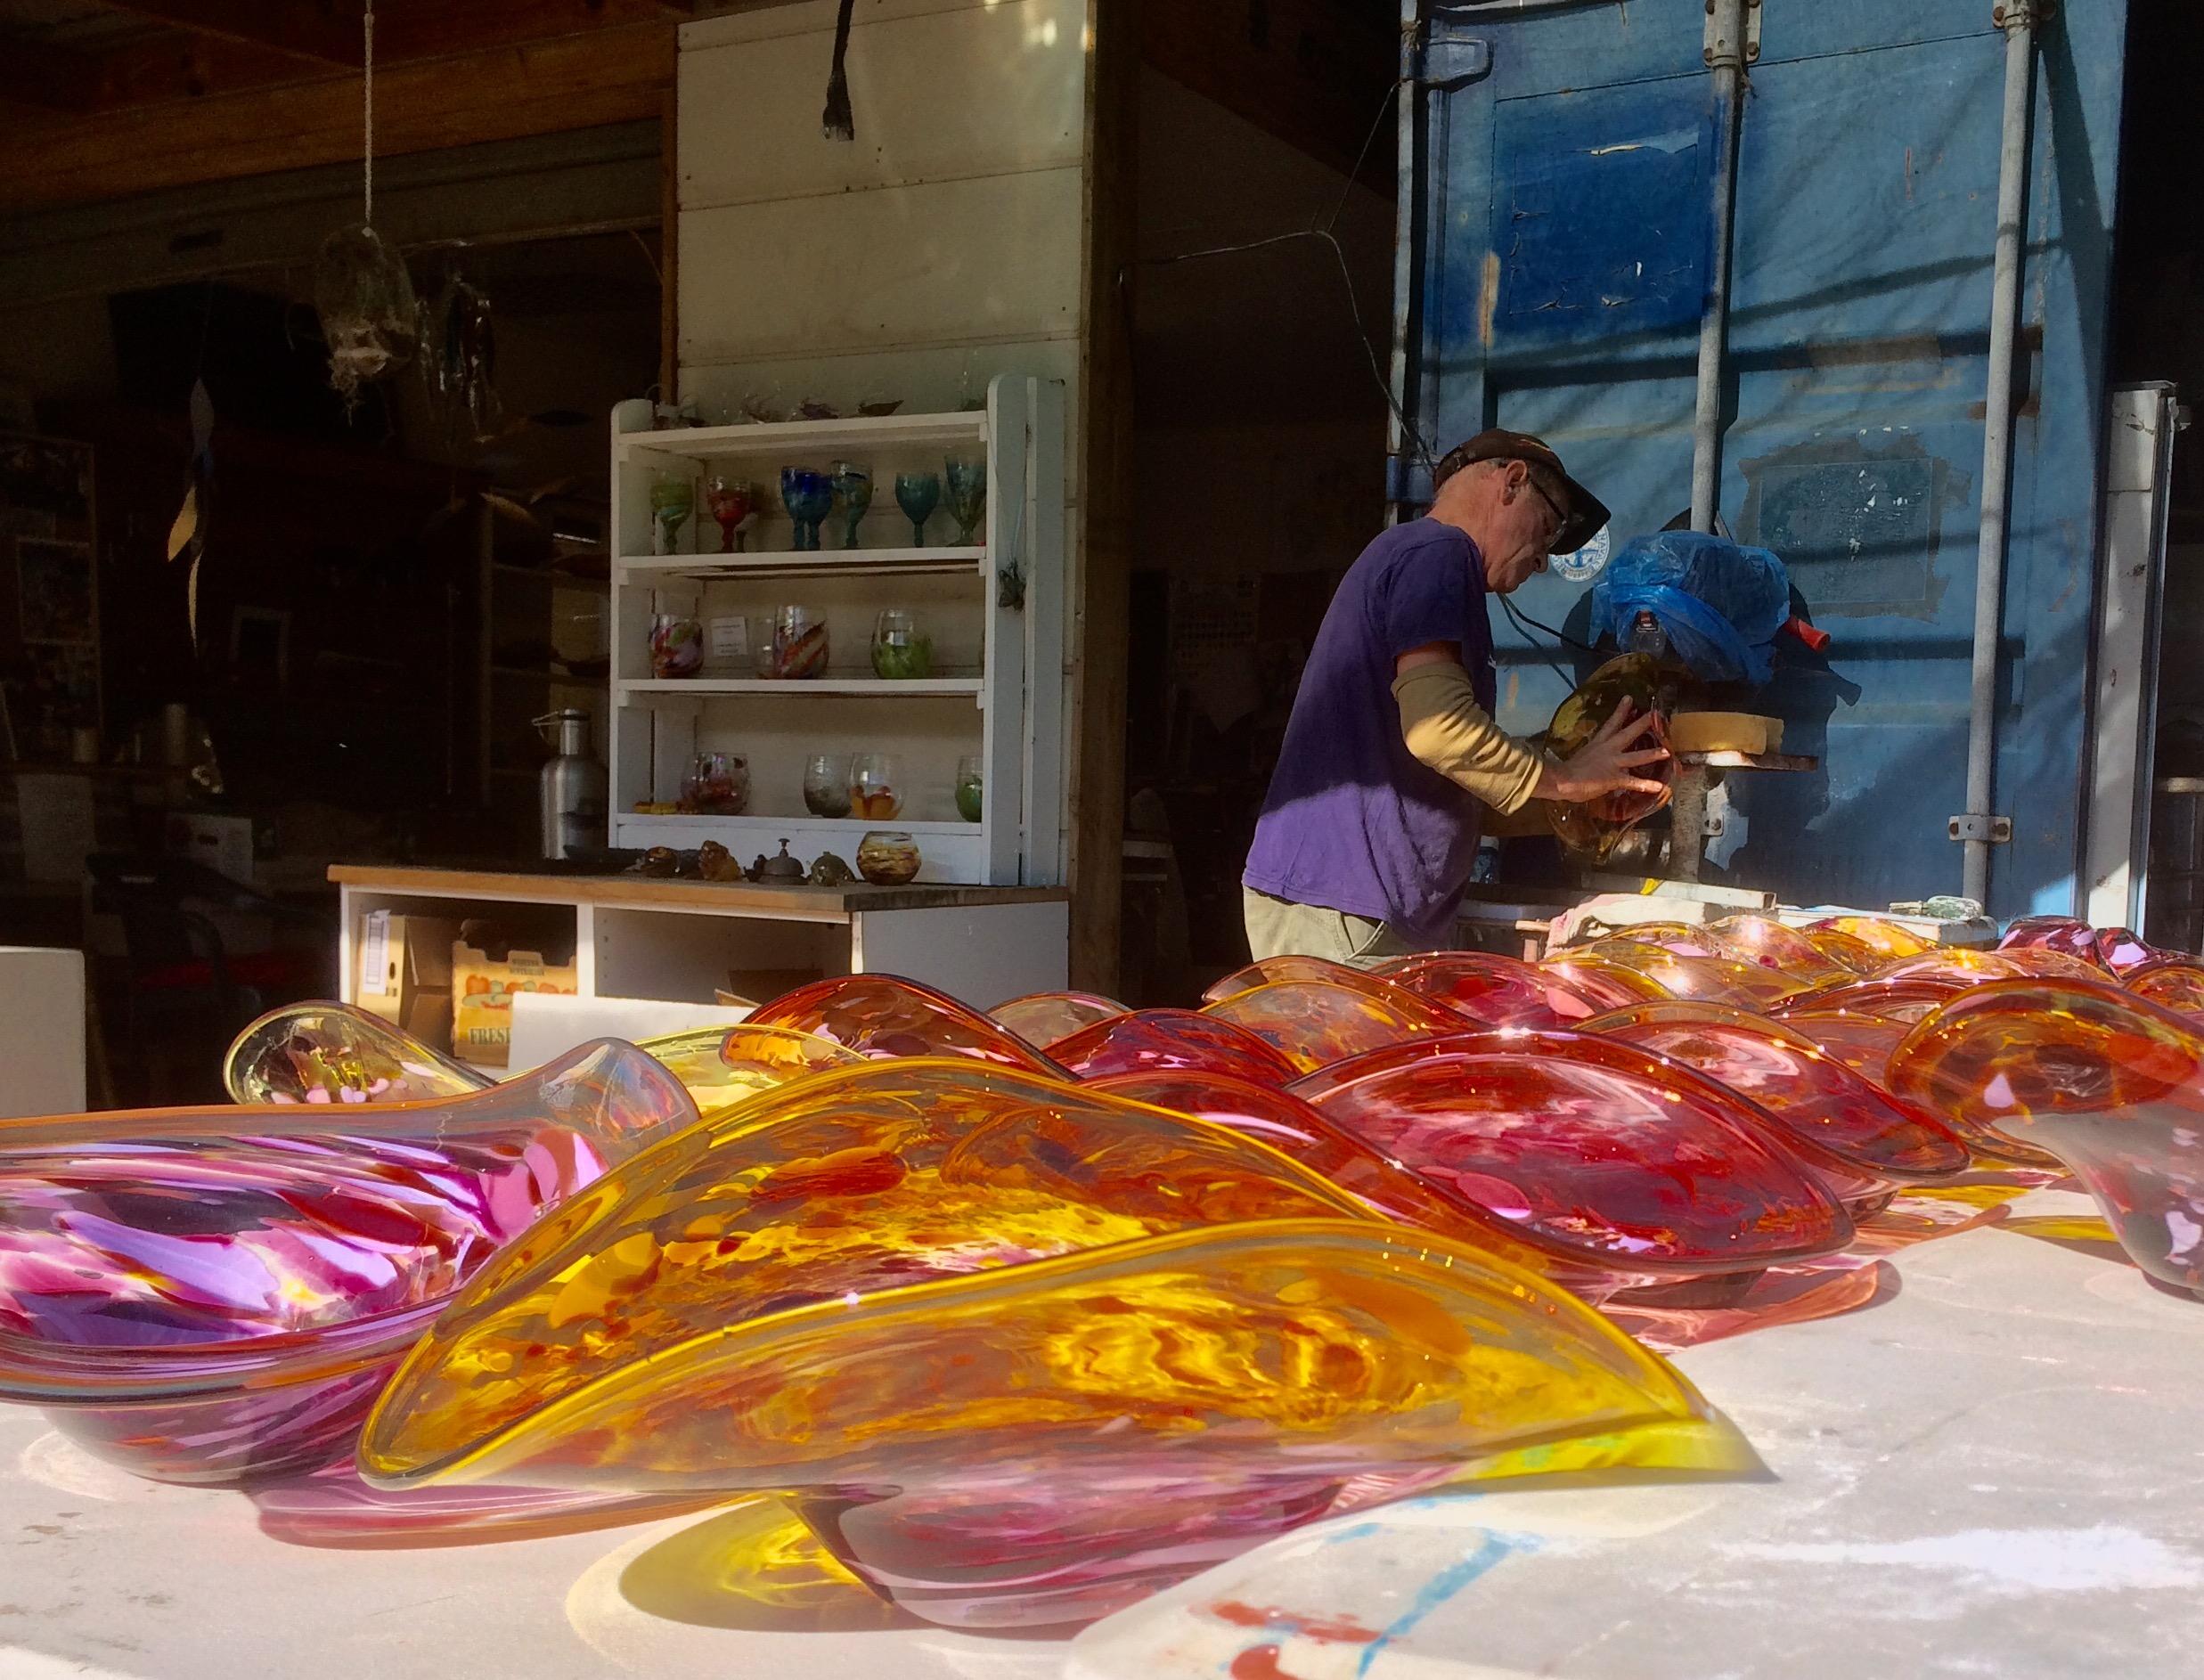 Gerry-Reilly-platters-blown-glass-300mml-x-200mmw-x-100mmh.jpg